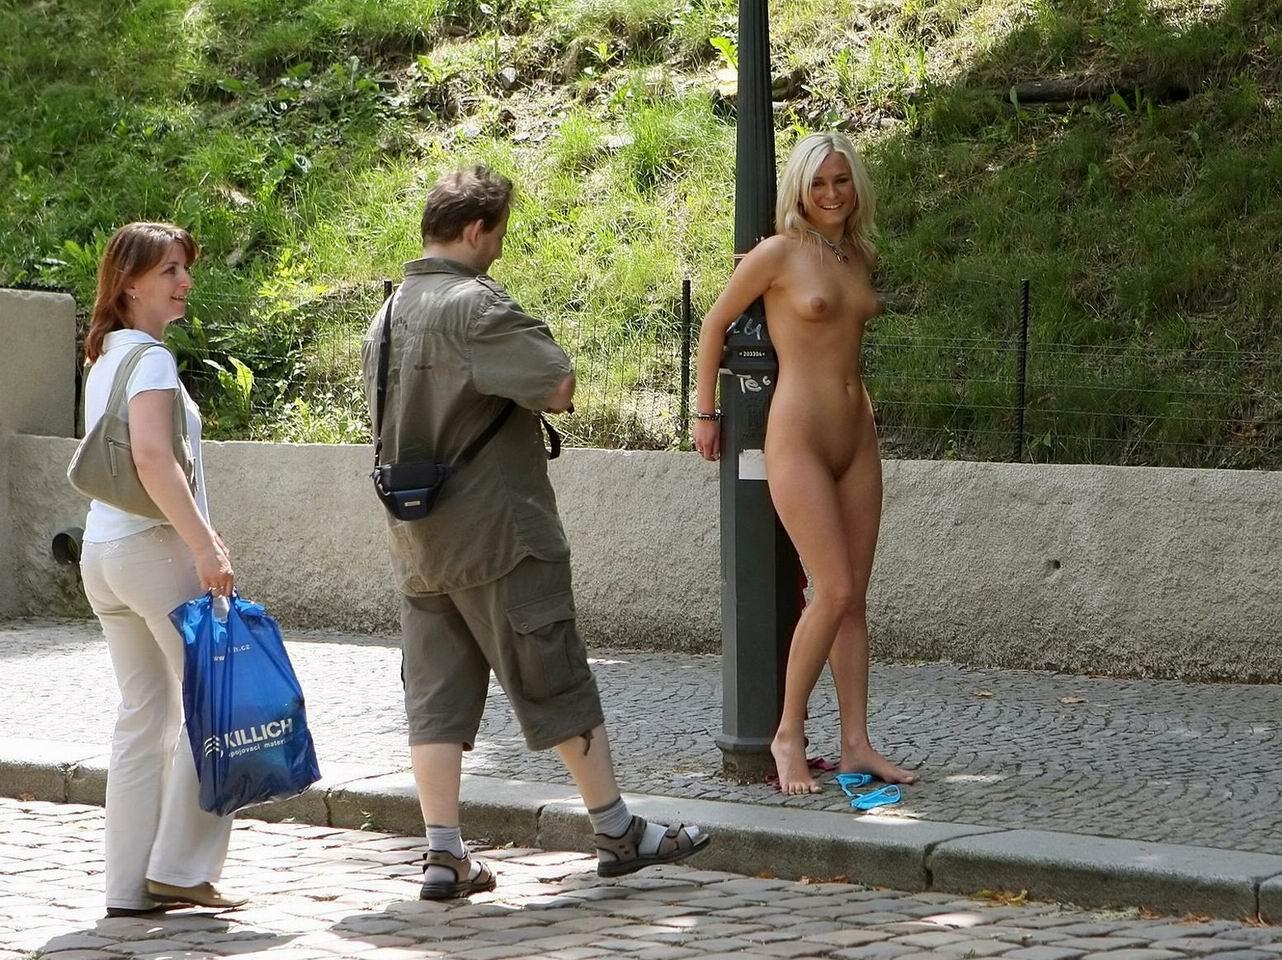 Смотреть порно на публике унижение, Публичное унижение - бесплатное порно видео на 10 фотография